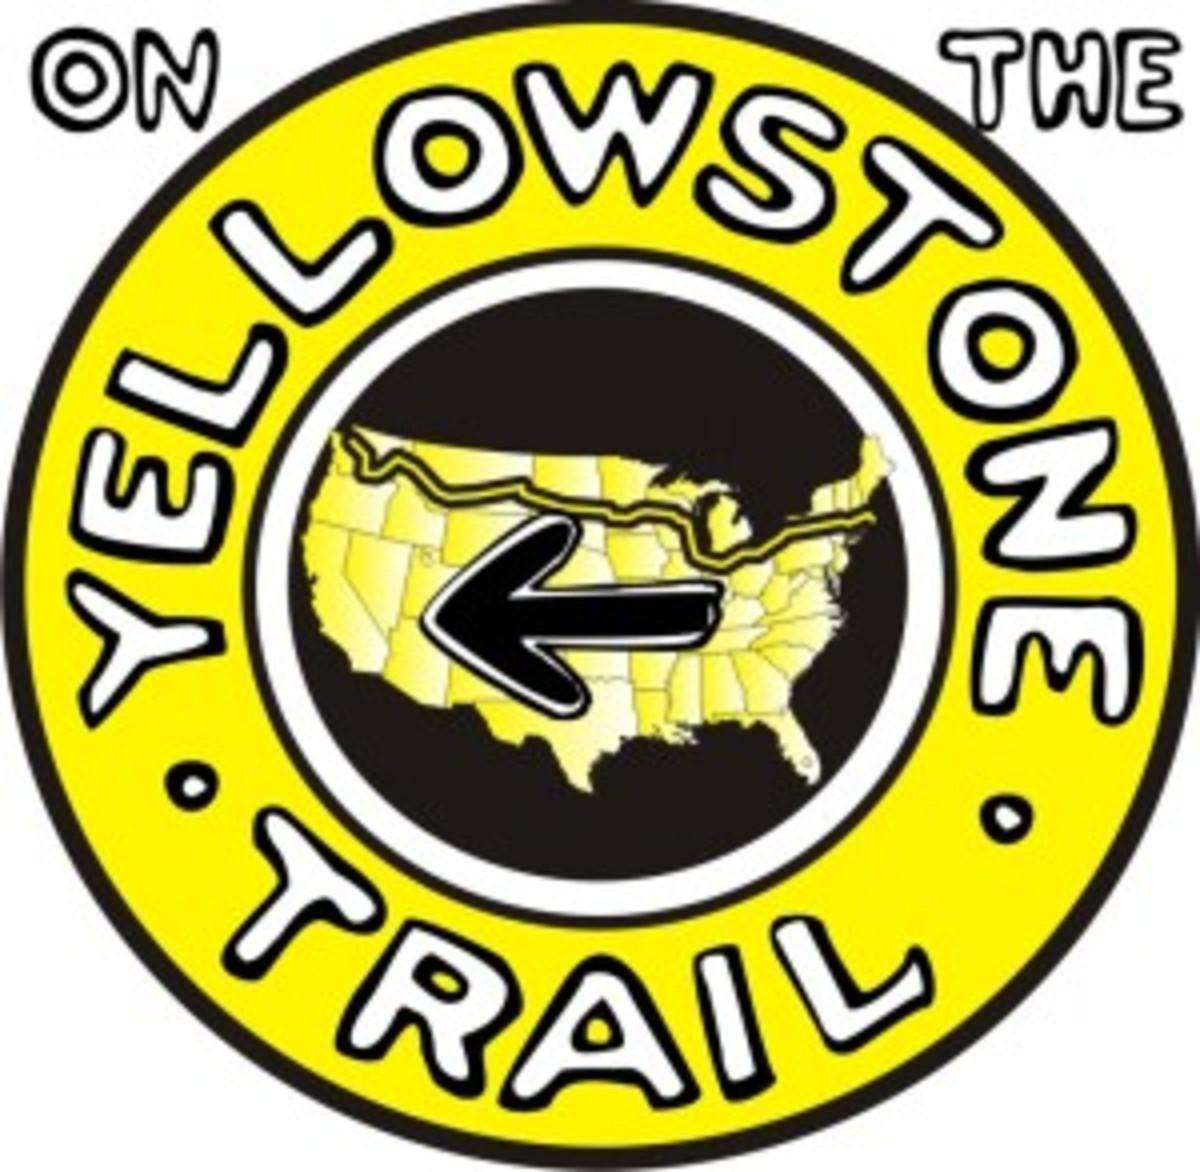 YTLogo USA yellow